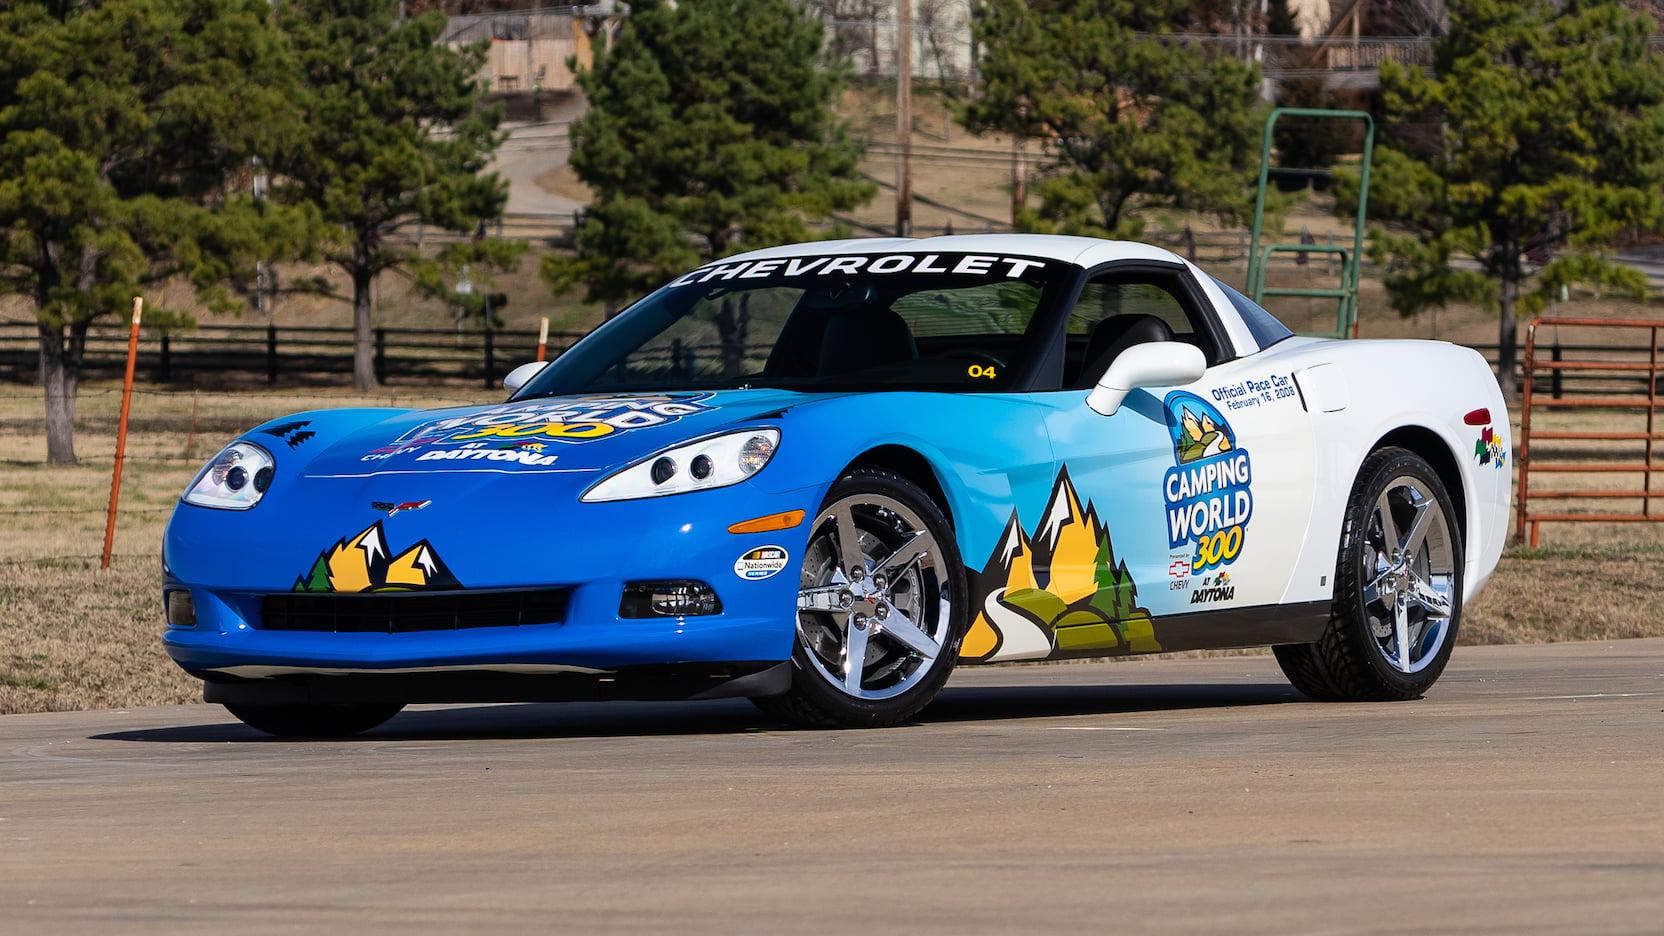 2008 Chevrolet Corvette Daytona Pace Car